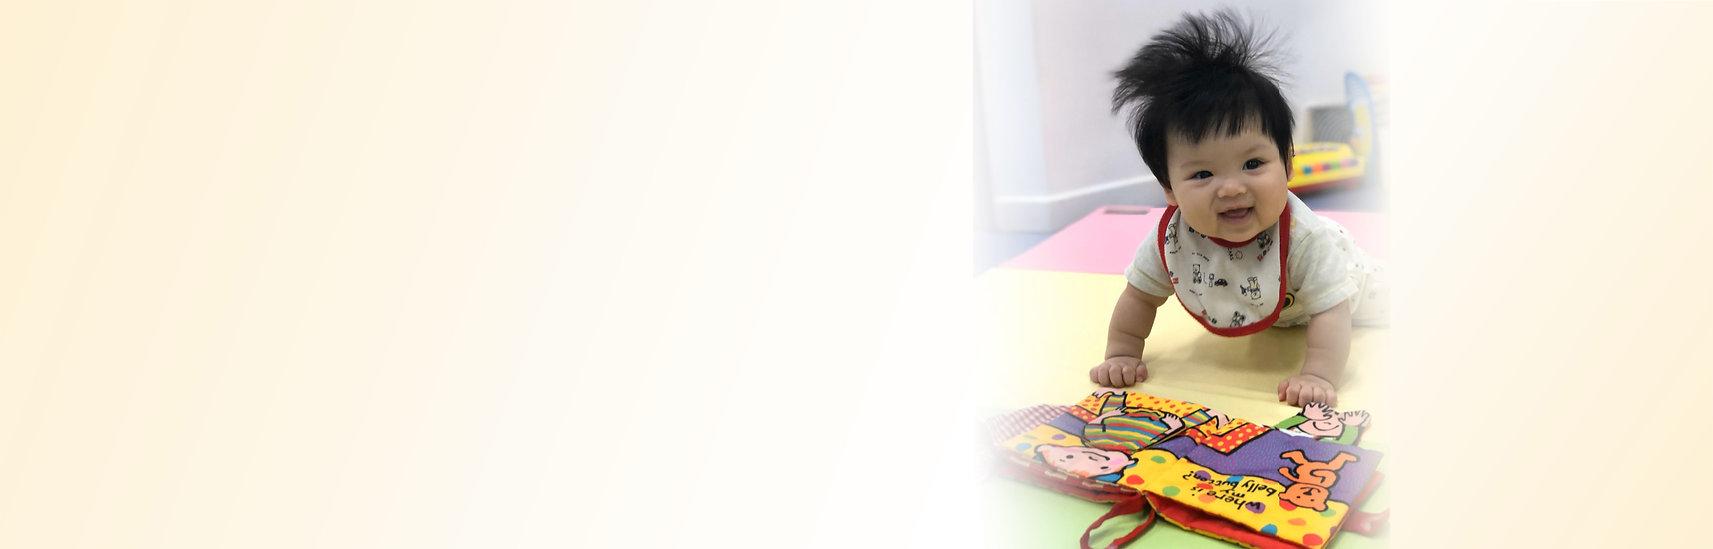 Infant banner.jpg